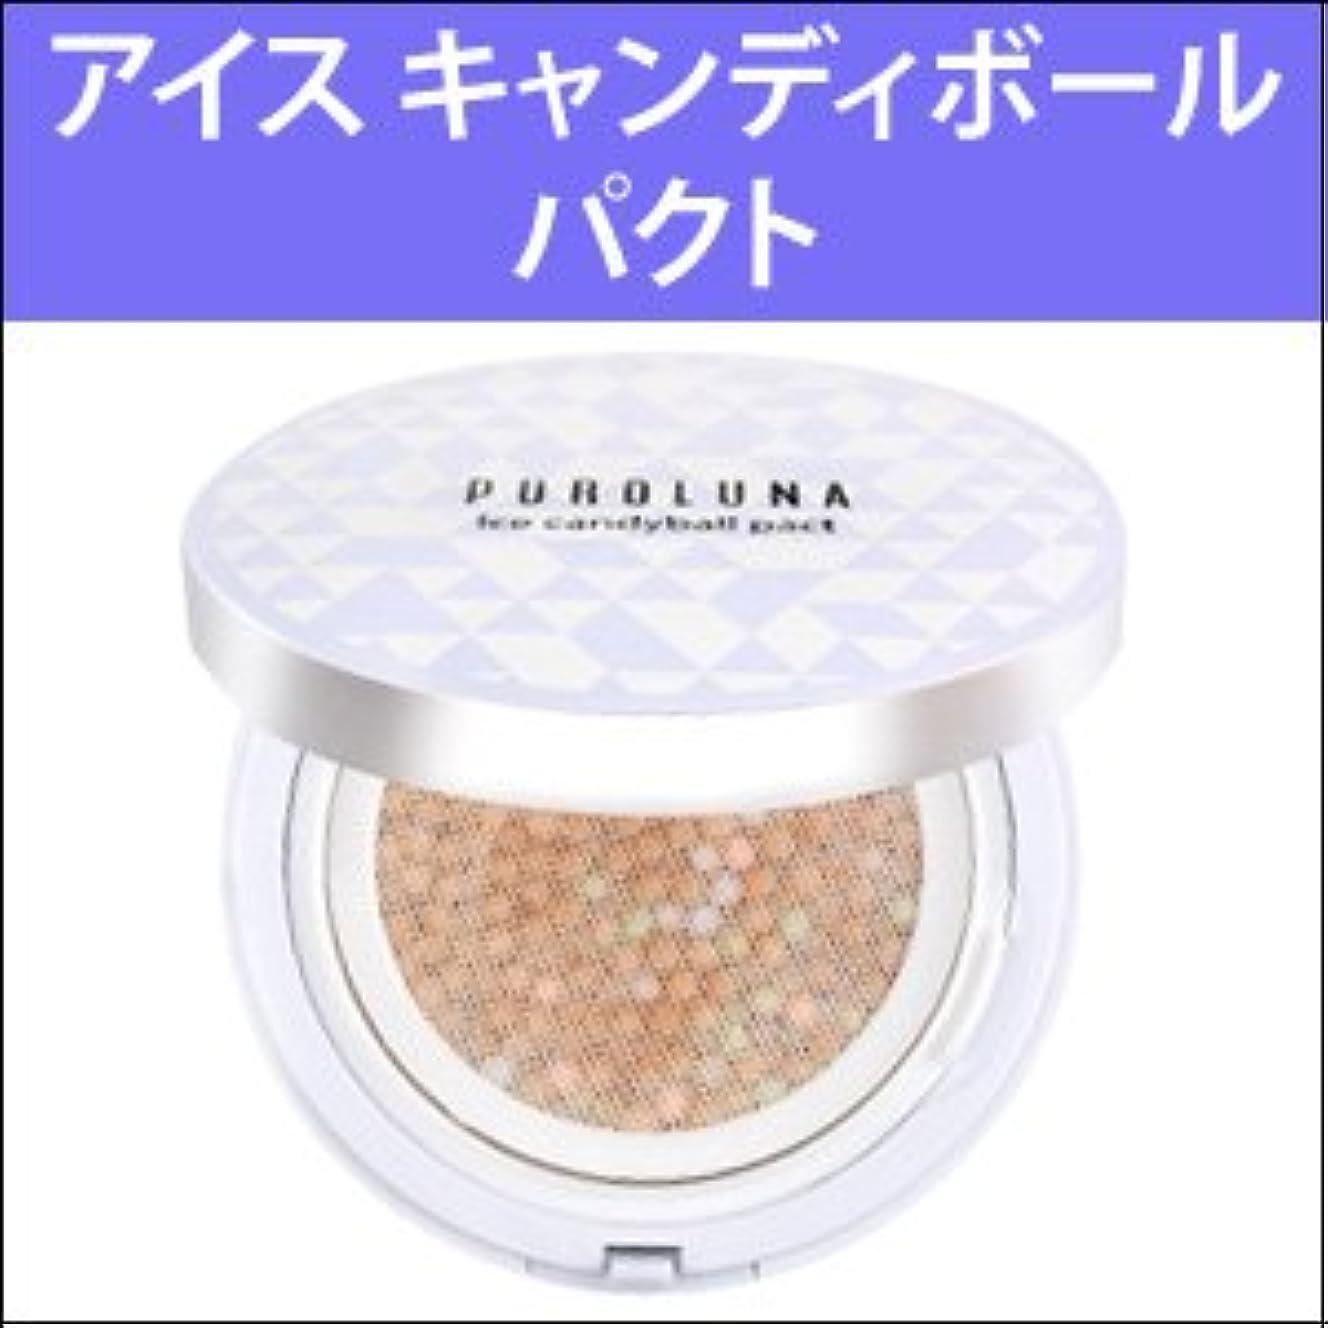 贅沢なぬれた所有権『PUROLUNA?プロルナ』 アイス キャンディボール パクト(SPF50+/PA+++) カラー:2号 ベージュ